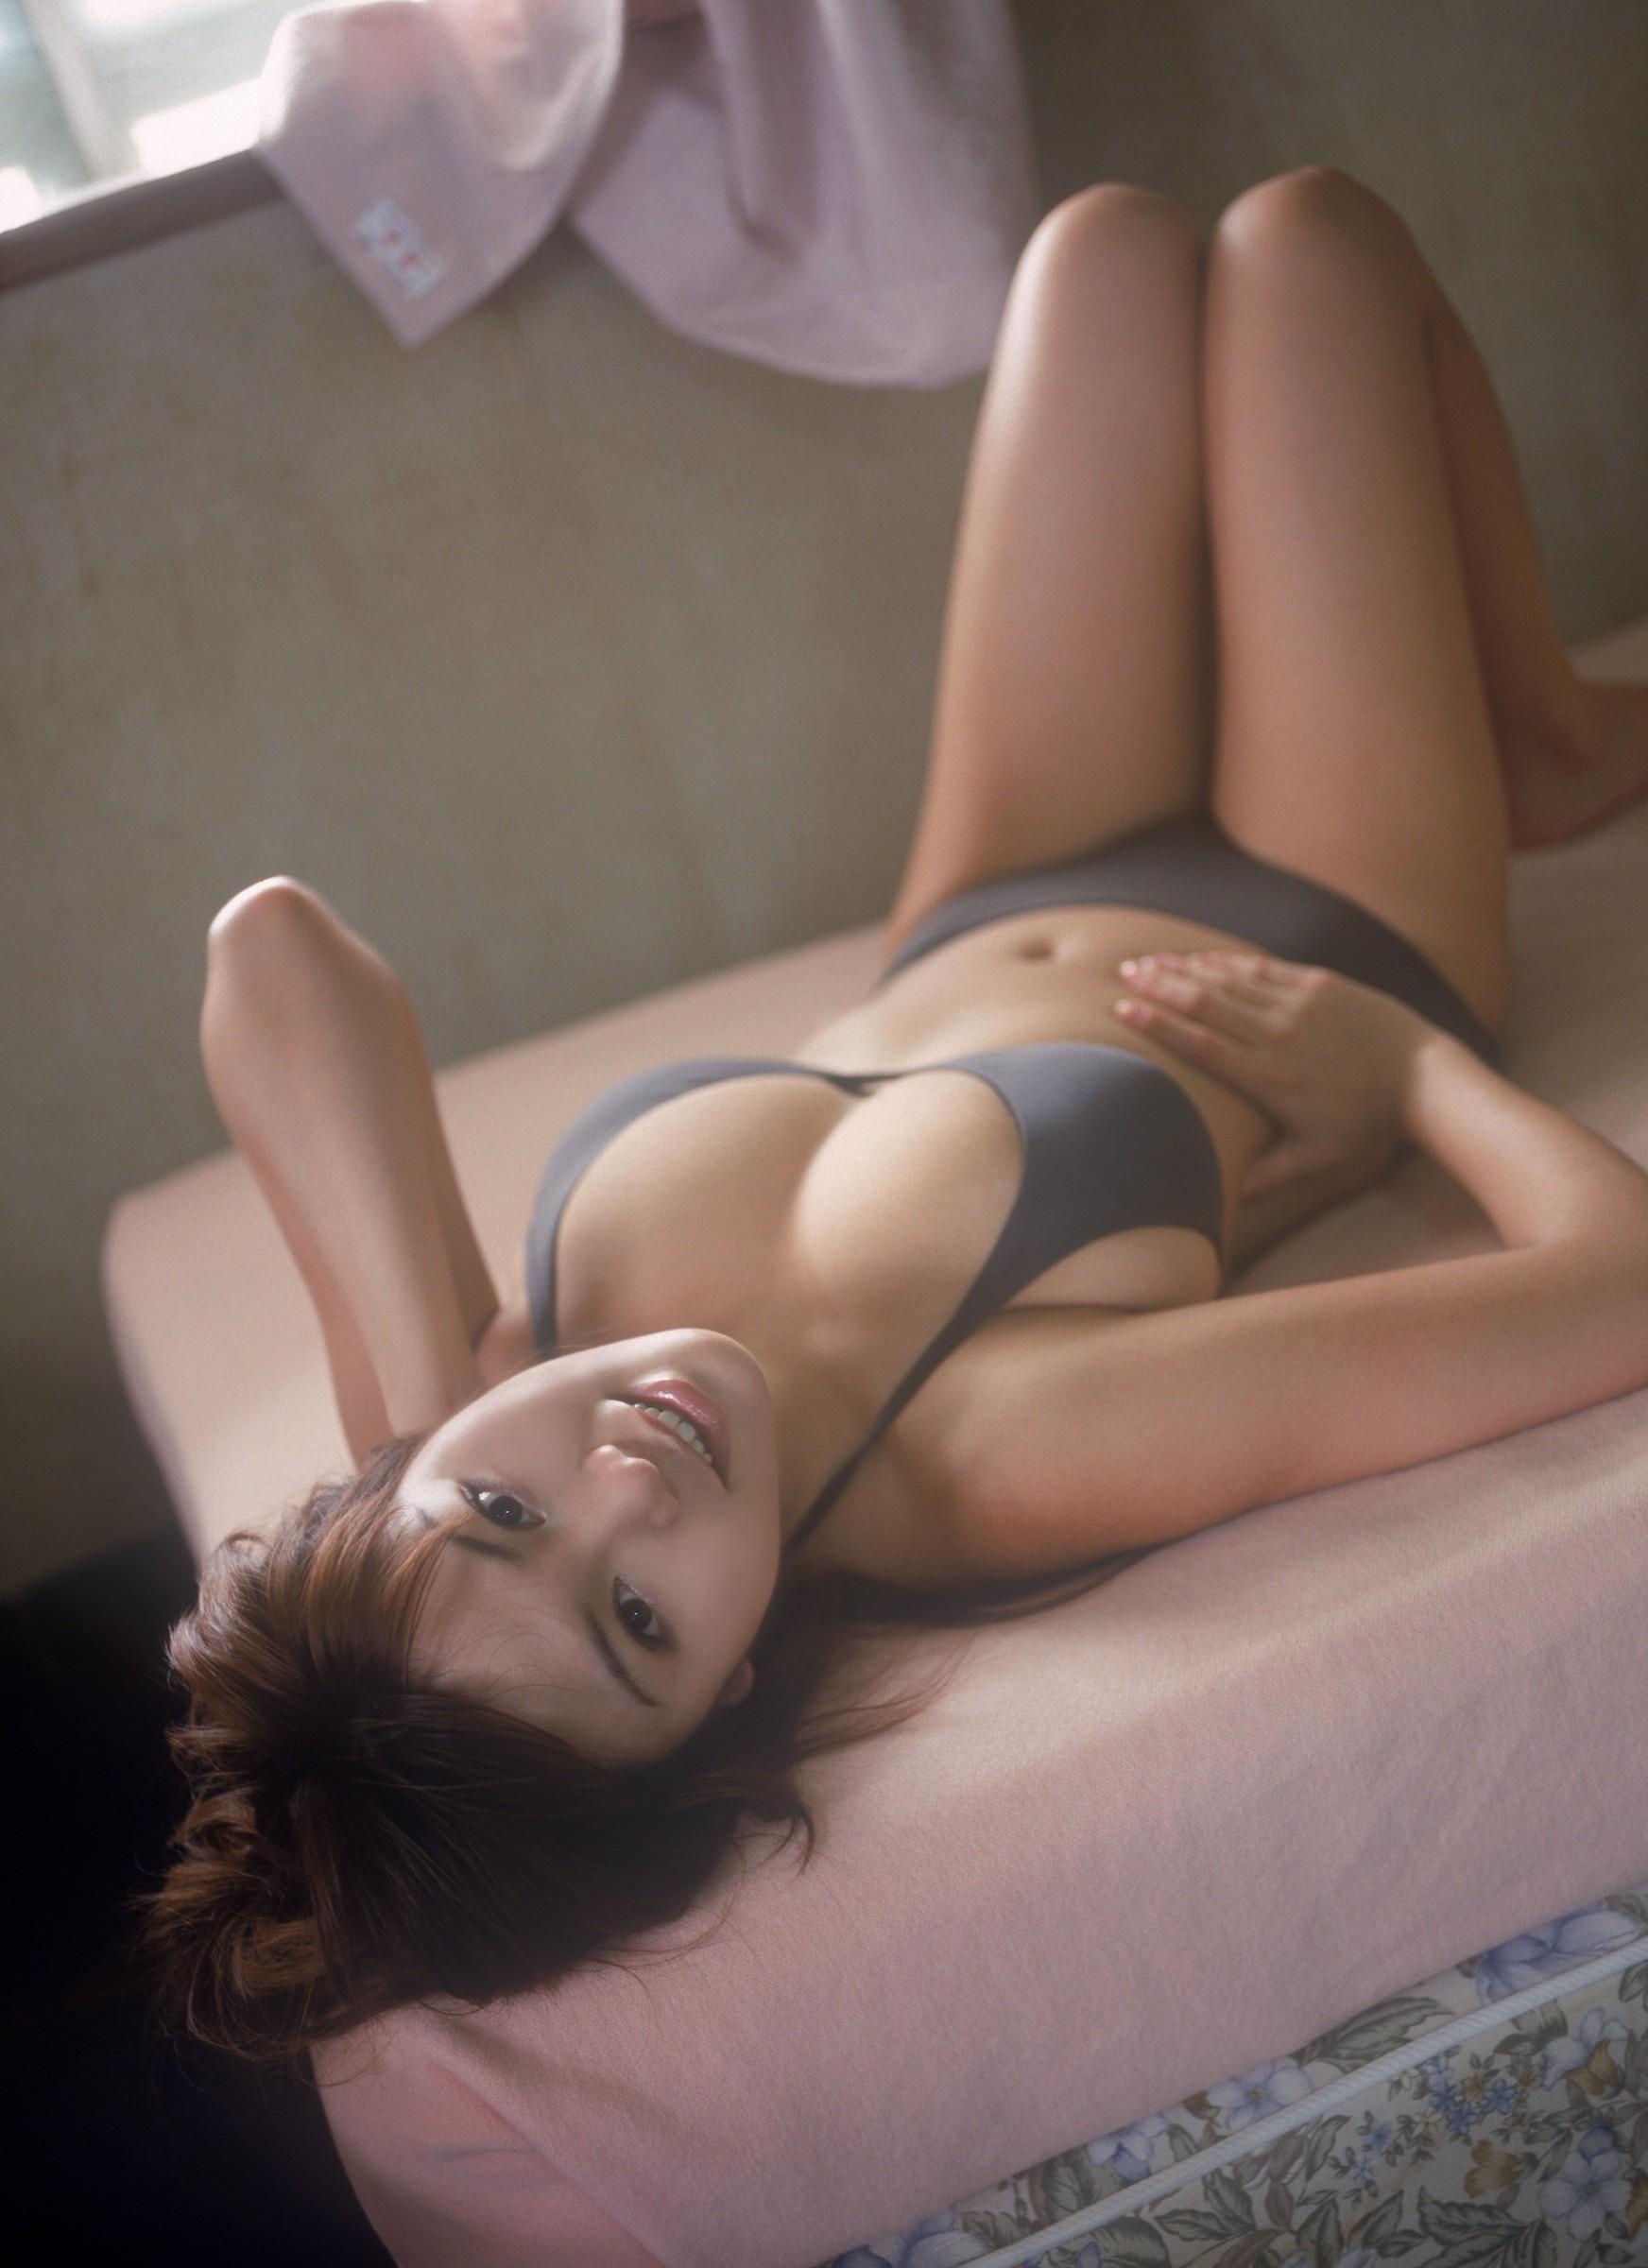 Hentai sex net